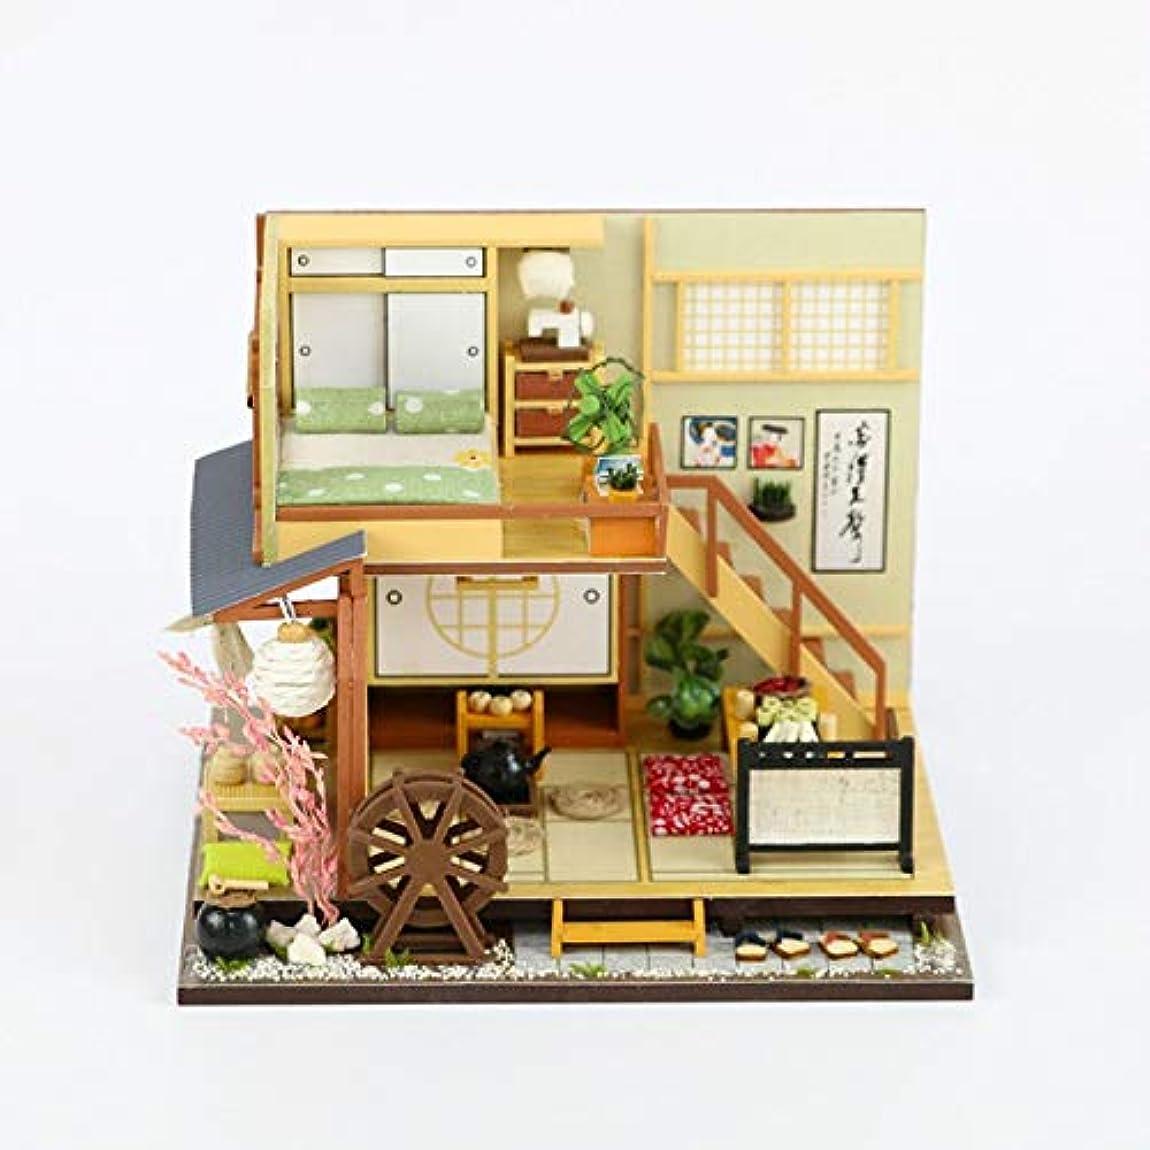 積極的に習字文新しい手作りアセンブリ日本モデル diy のドールハウス、森休日 dustprrof フェスティバルギフト